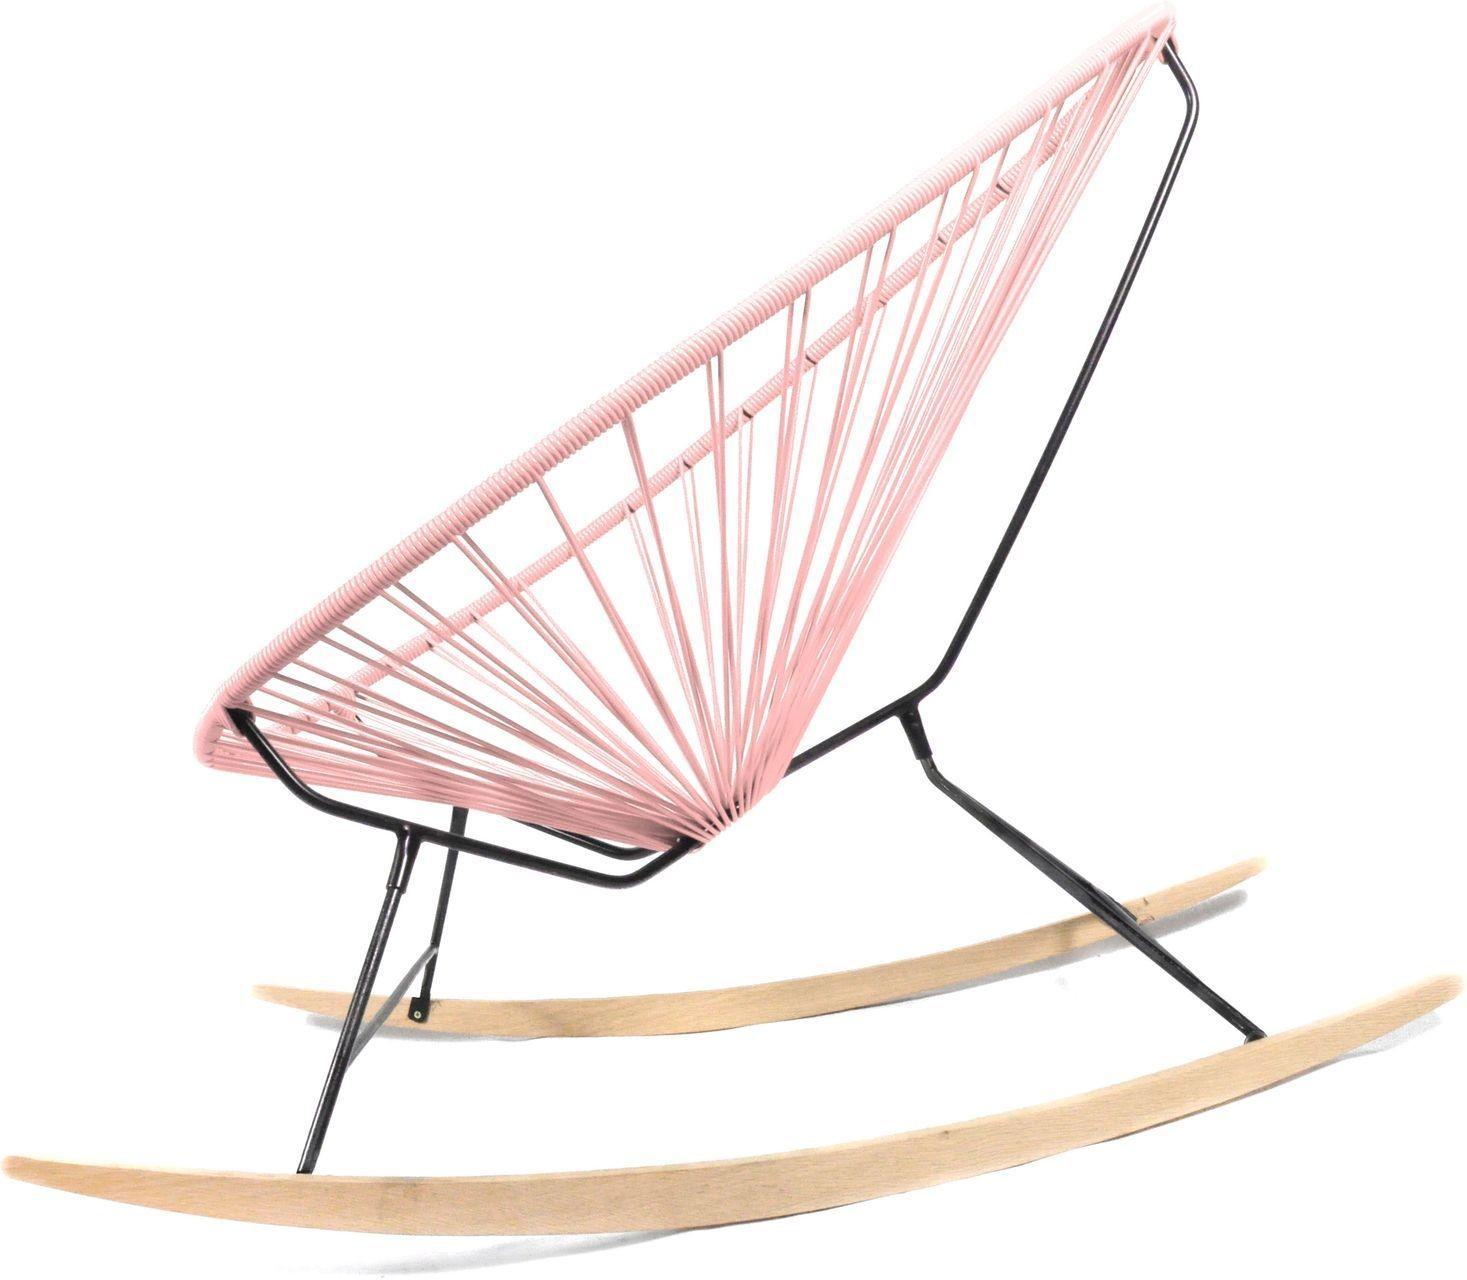 Acapulco chair wood rocker design schaukelstuhl boqa for Schaukelstuhl rosa